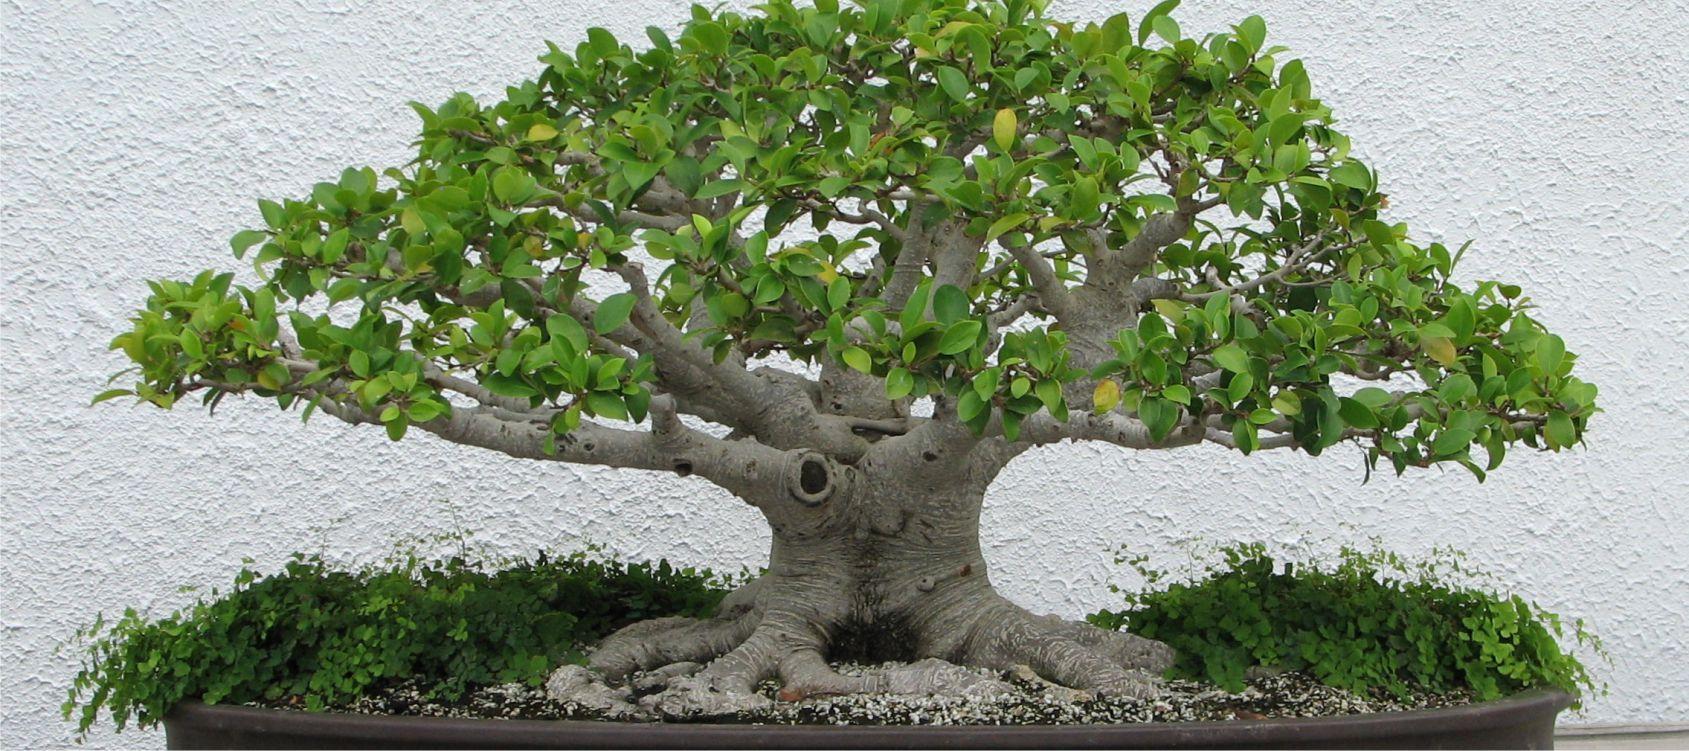 Potare Il Ficus Elastica bonsai ficus ginseng - consigli utili sulla coltivazione